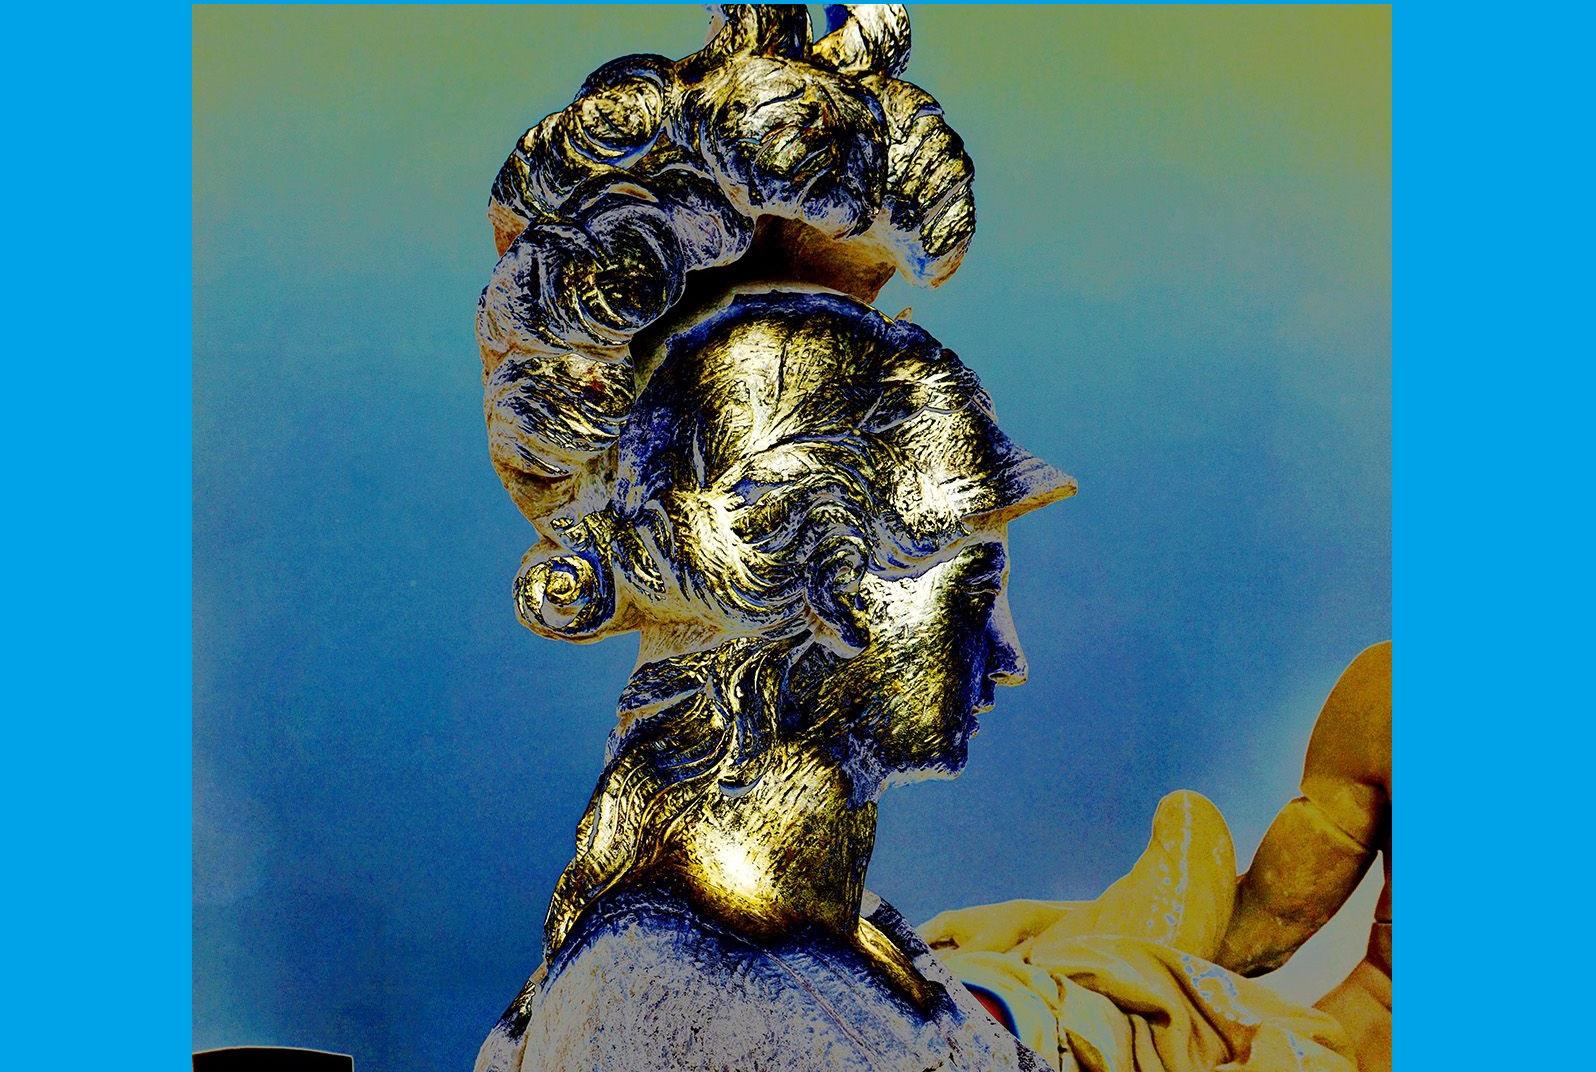 Full Size of Gartenskulpturen Stein Moderne Aus Kaufen Buddha Edelstahl Steinguss Gartenfiguren Statuen Gartenskulptur Antik Modern Schloss Schwetzingen Metamorphose Von Zu Wohnzimmer Gartenskulpturen Stein